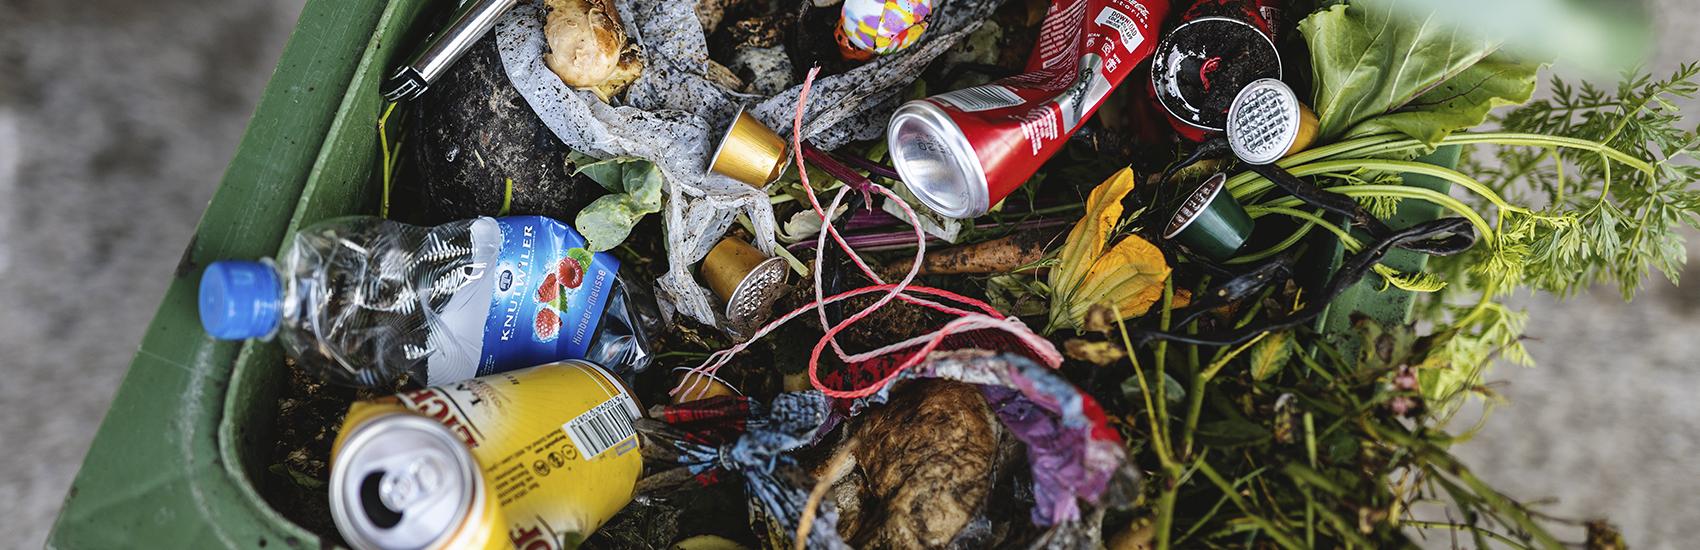 Rohstoffe für Kompost die nicht geeignet sind für die Kompostieranlagen der Qualikomp AG in Emmen